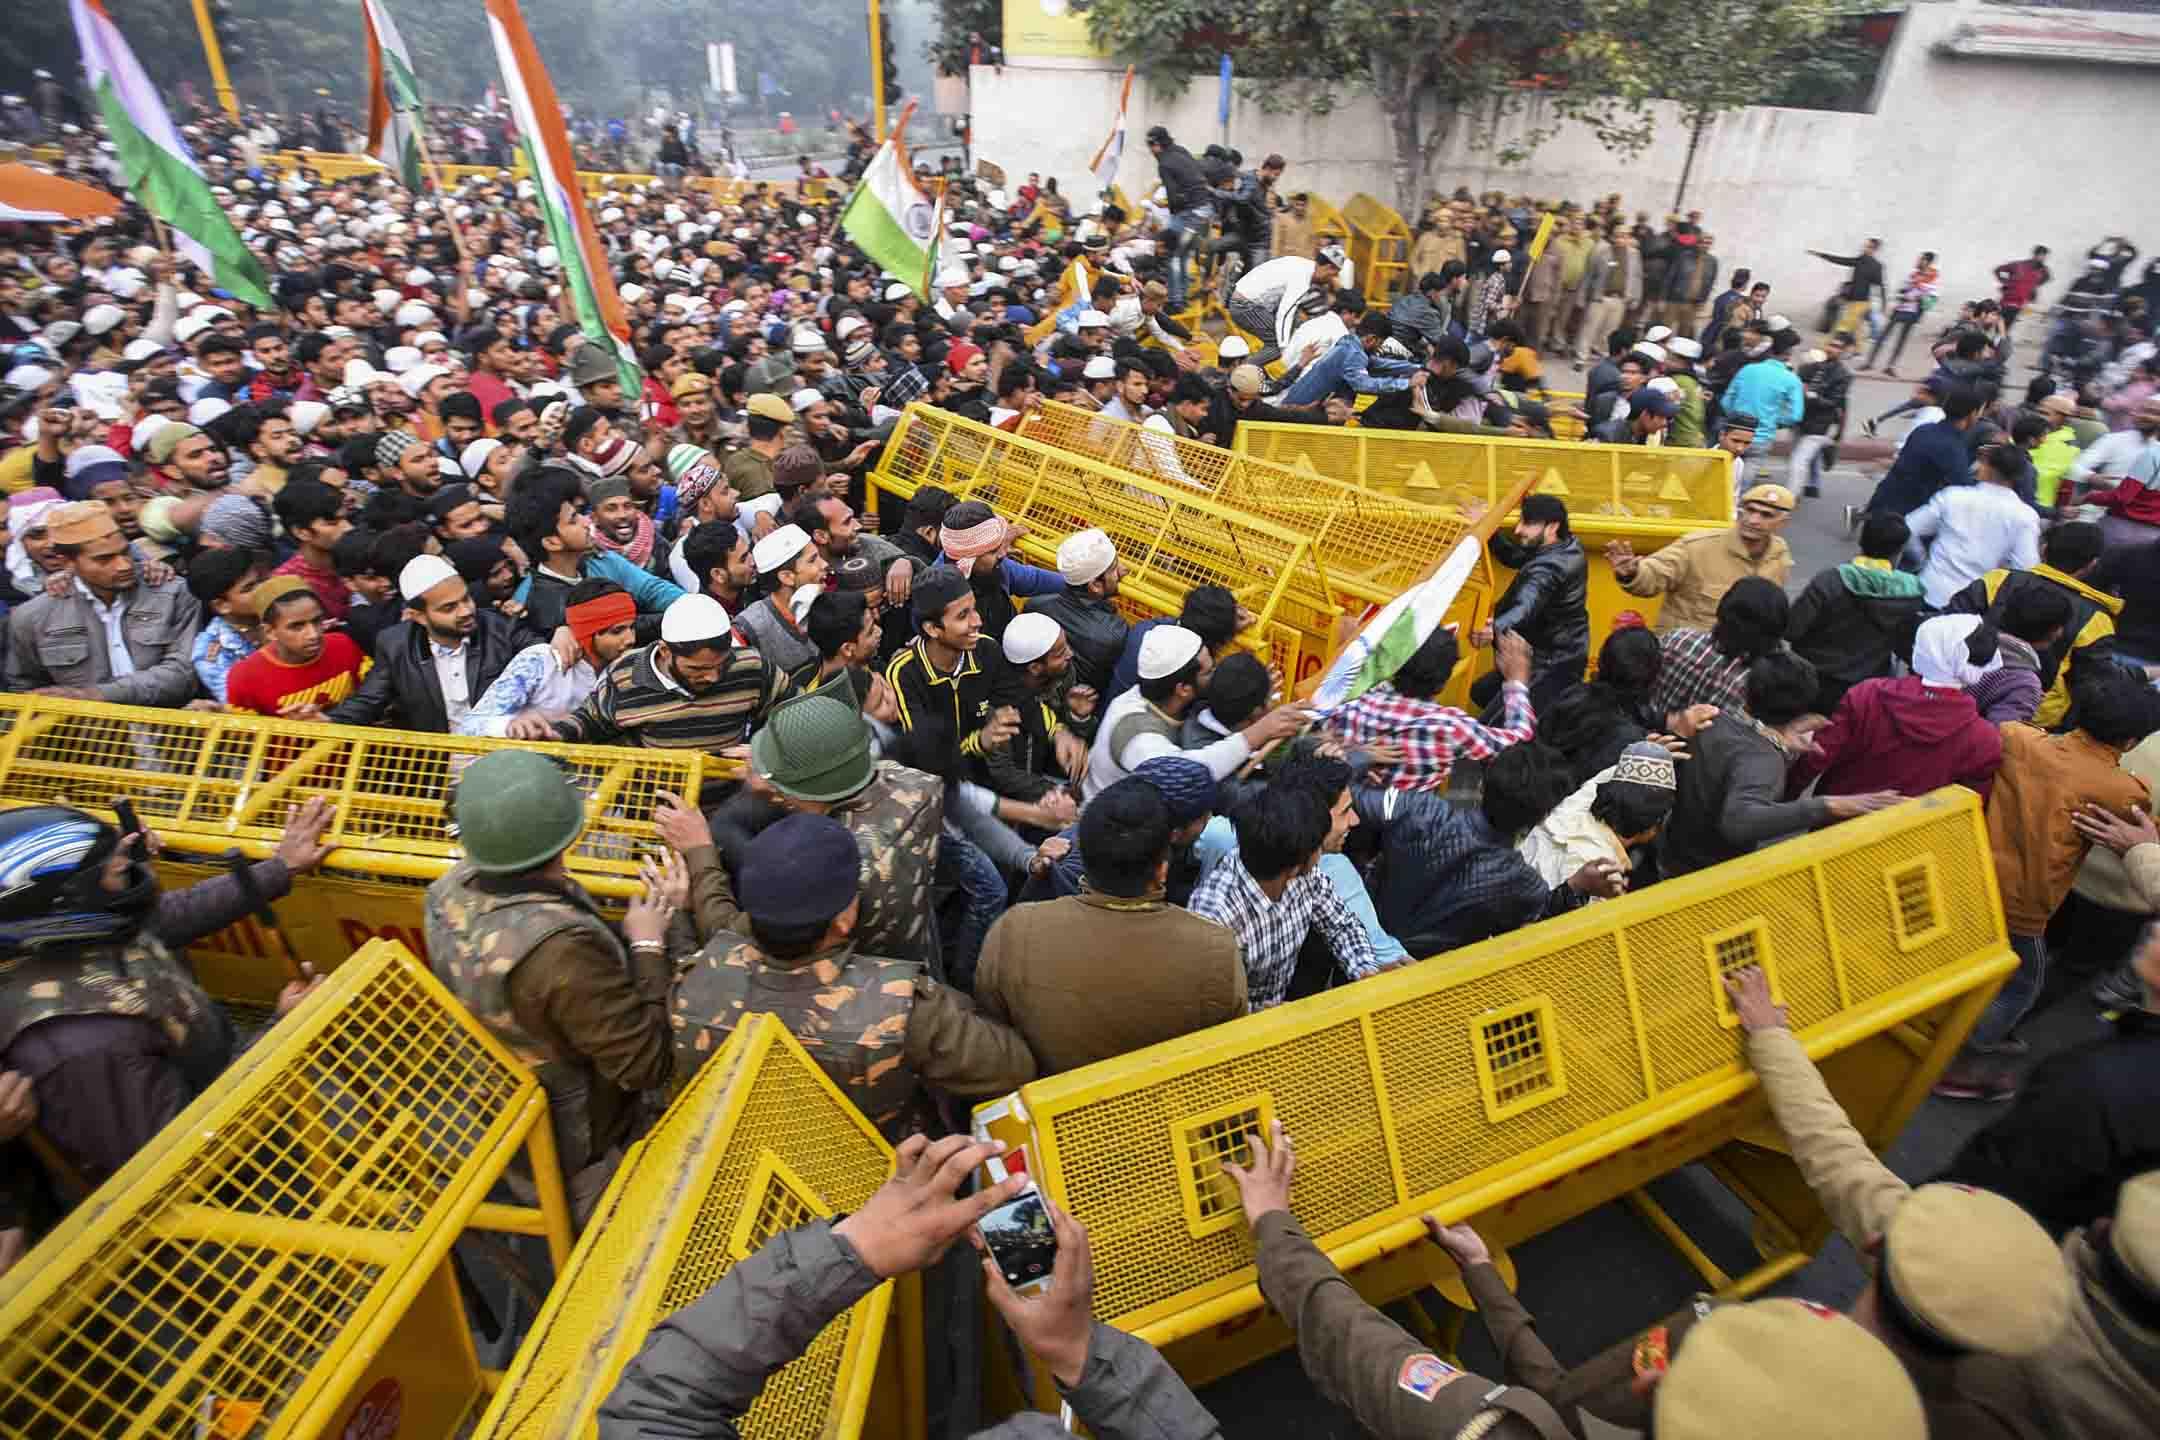 2019年12月20日,印度新德里舉行的反對《公民身份法》修正案的抗議活動中,示威者越過警察路障。  攝:Raj K Raj/Hindustan Times via Getty Images